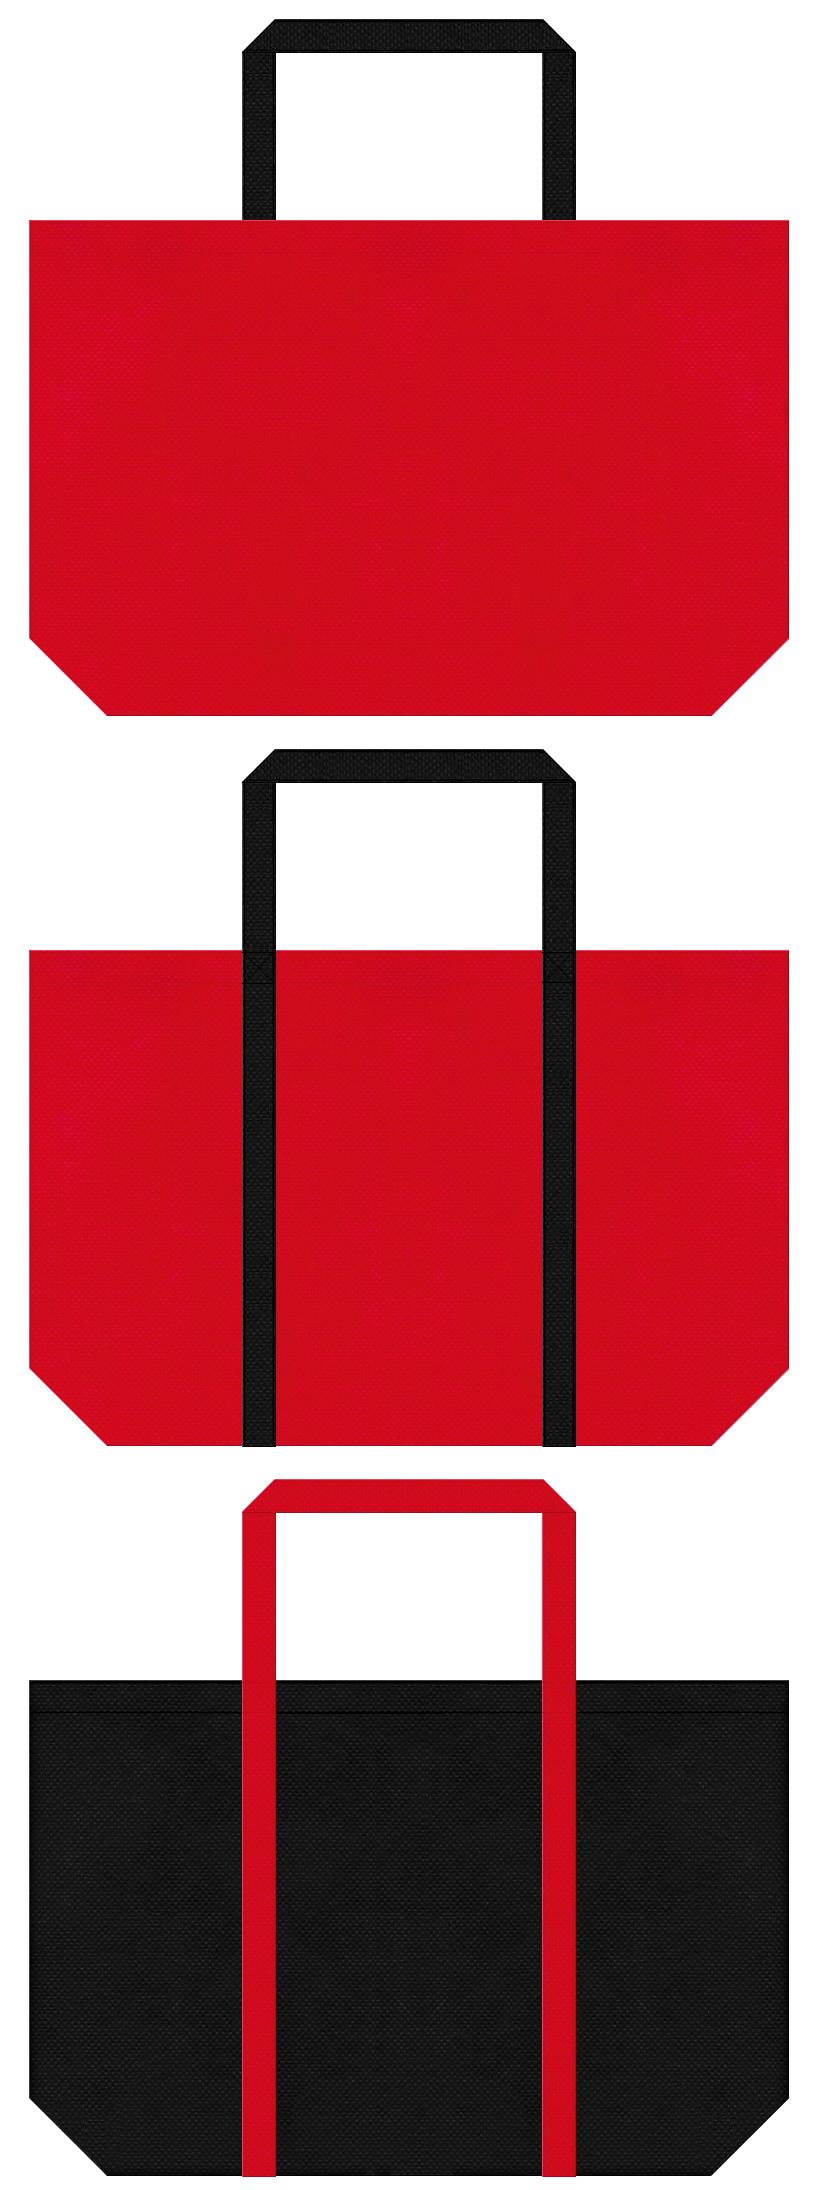 スポーツバッグにお奨めの不織布バッグデザイン:紅色と黒色のコーデ